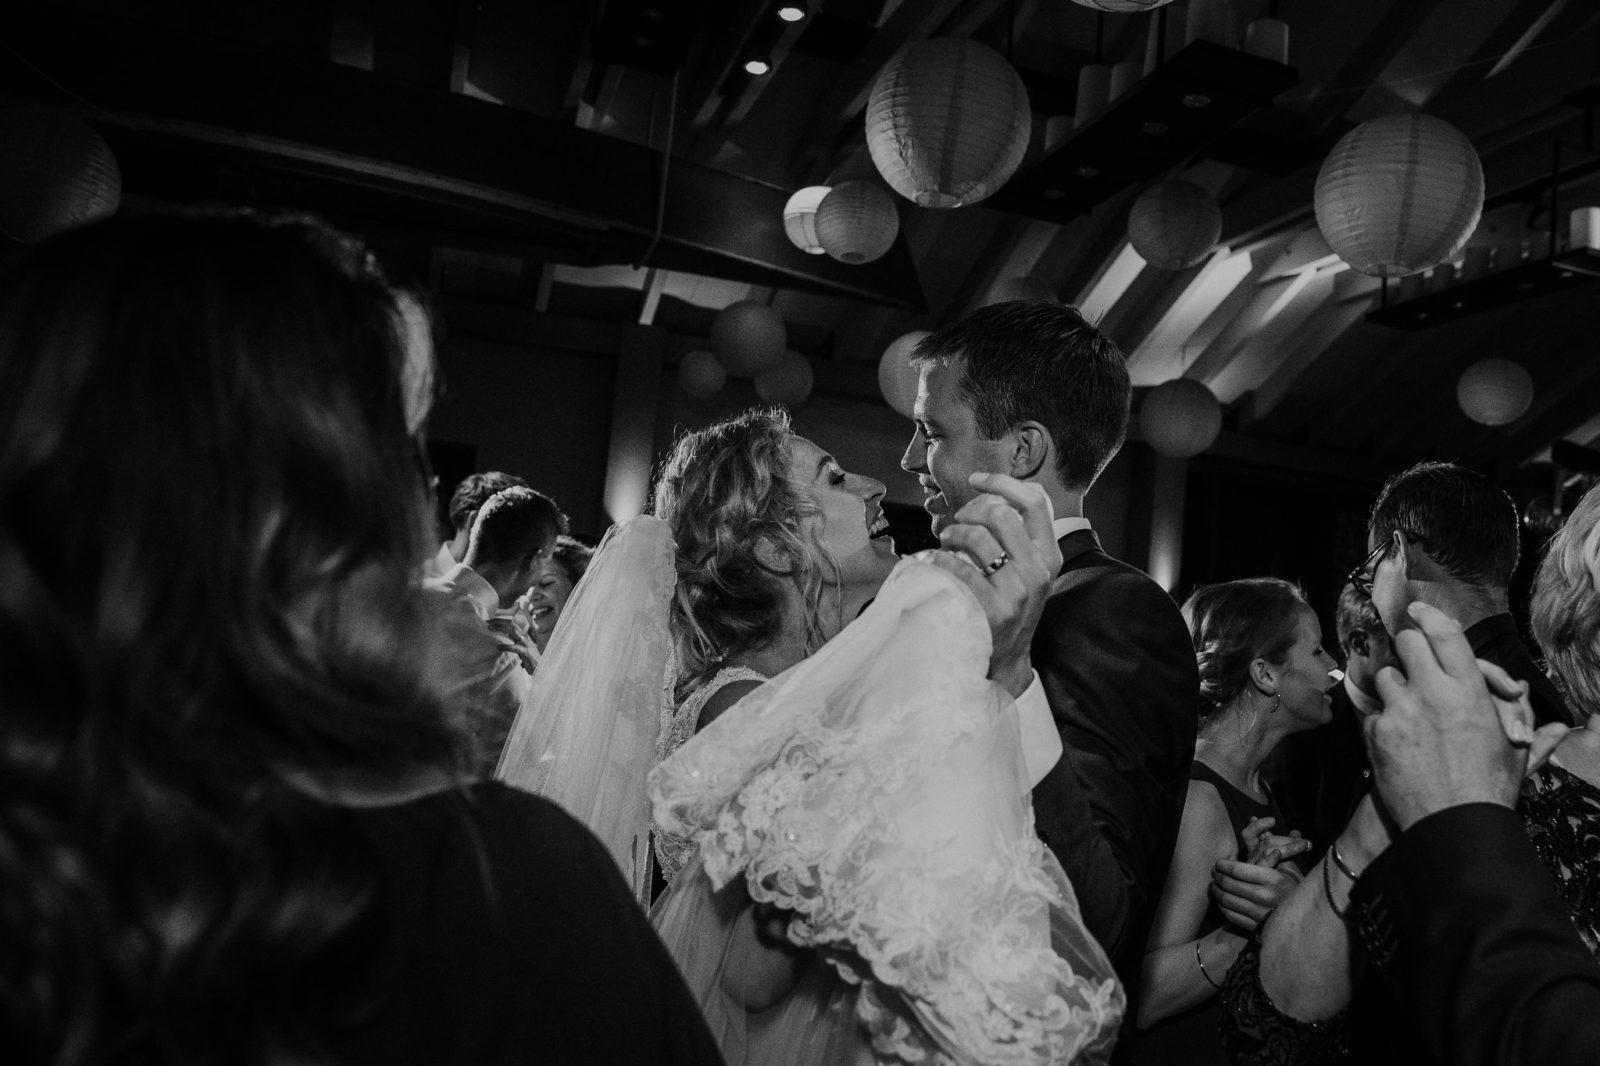 Dansend bruidspaar zwart/wit Boothuis Welgelegen Groenlo